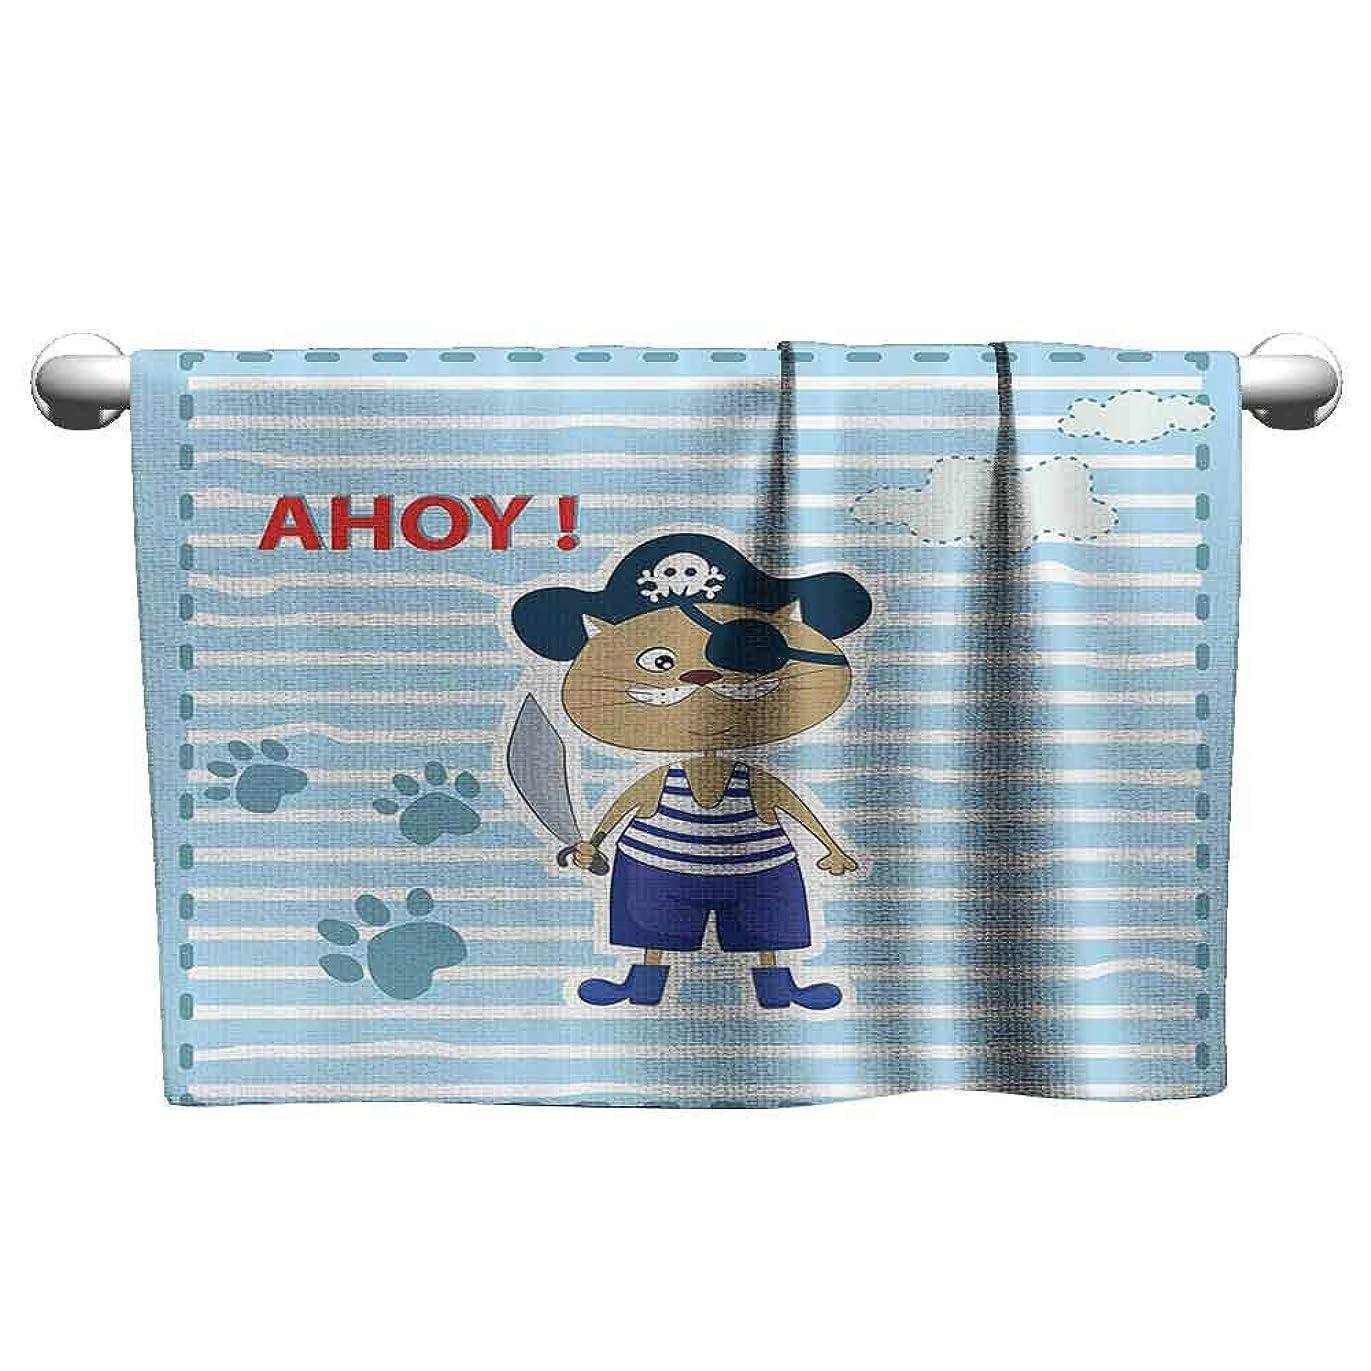 生じる管理間違えたalisoso クライミングタオル Ahoy Its a Boy、アナウンスメントカードからインスピレーションを得たコンポジション 海洋生物 マルチカラー マイクロファイバー スポーツ W 14 x L 14(inch)